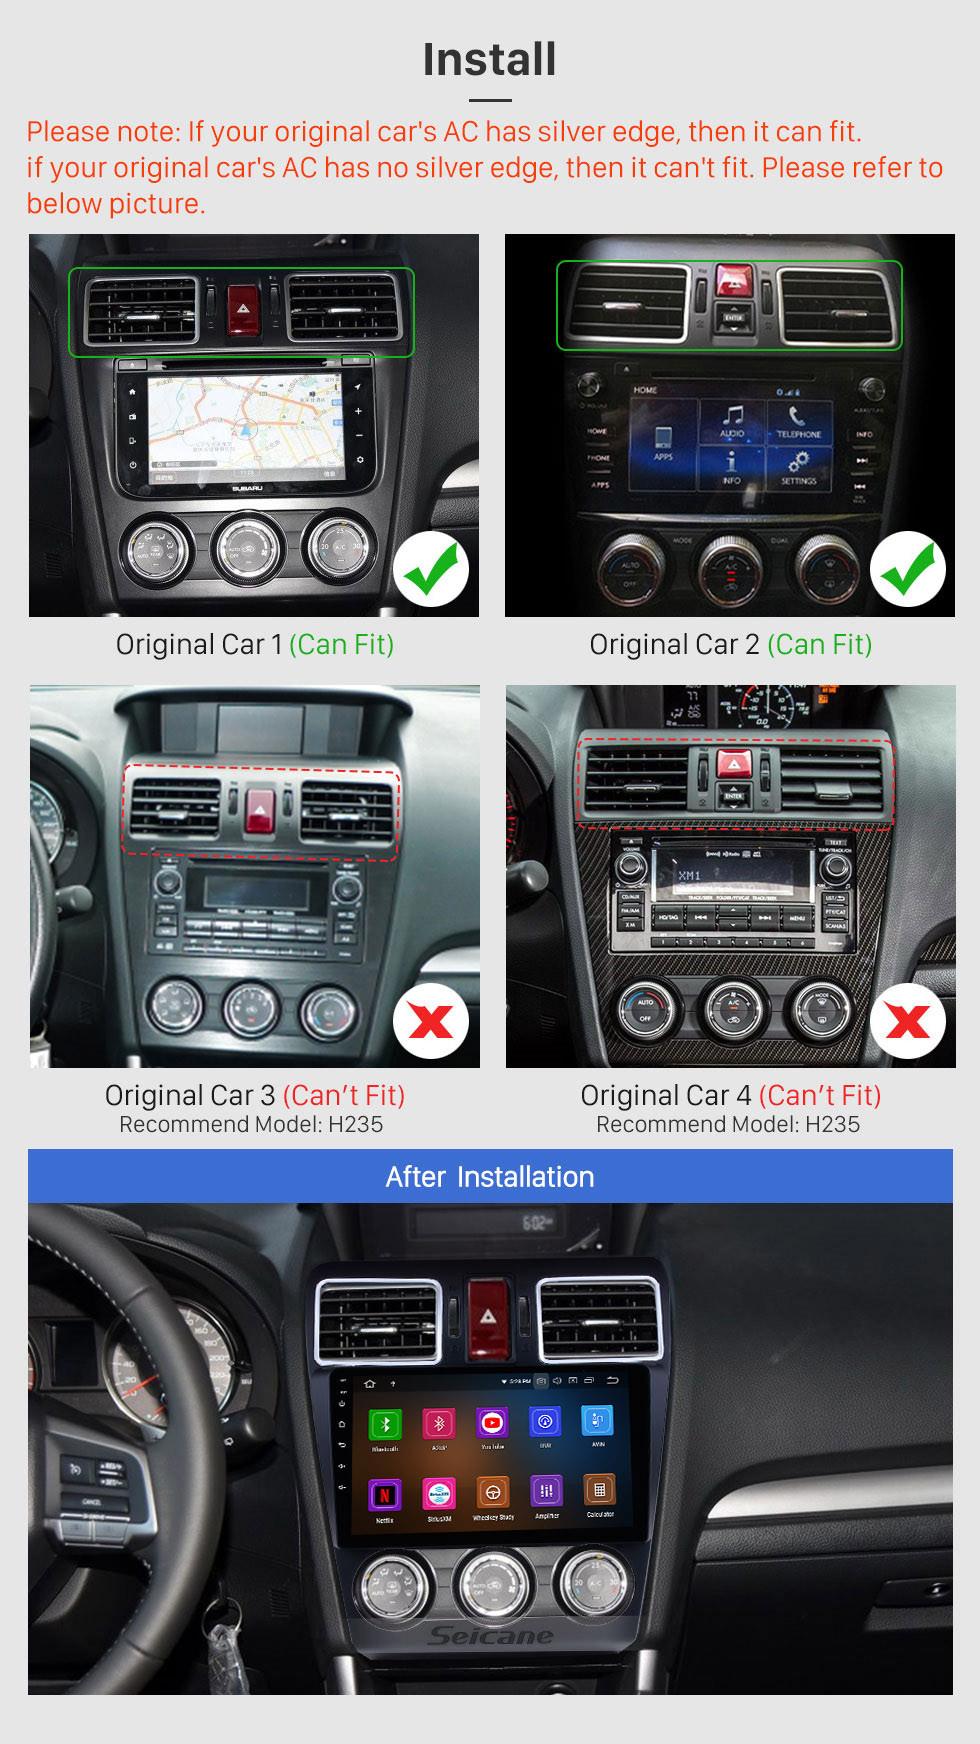 Seicane 2014 2015 2016 Subaru WRX Forester 9 pouces Android 10.0 Radio Système de navigation GPS Écran tactile Bluetooth 4G WiFi DAB + TPMS DAB + DVR OBDII Lecteur DVD